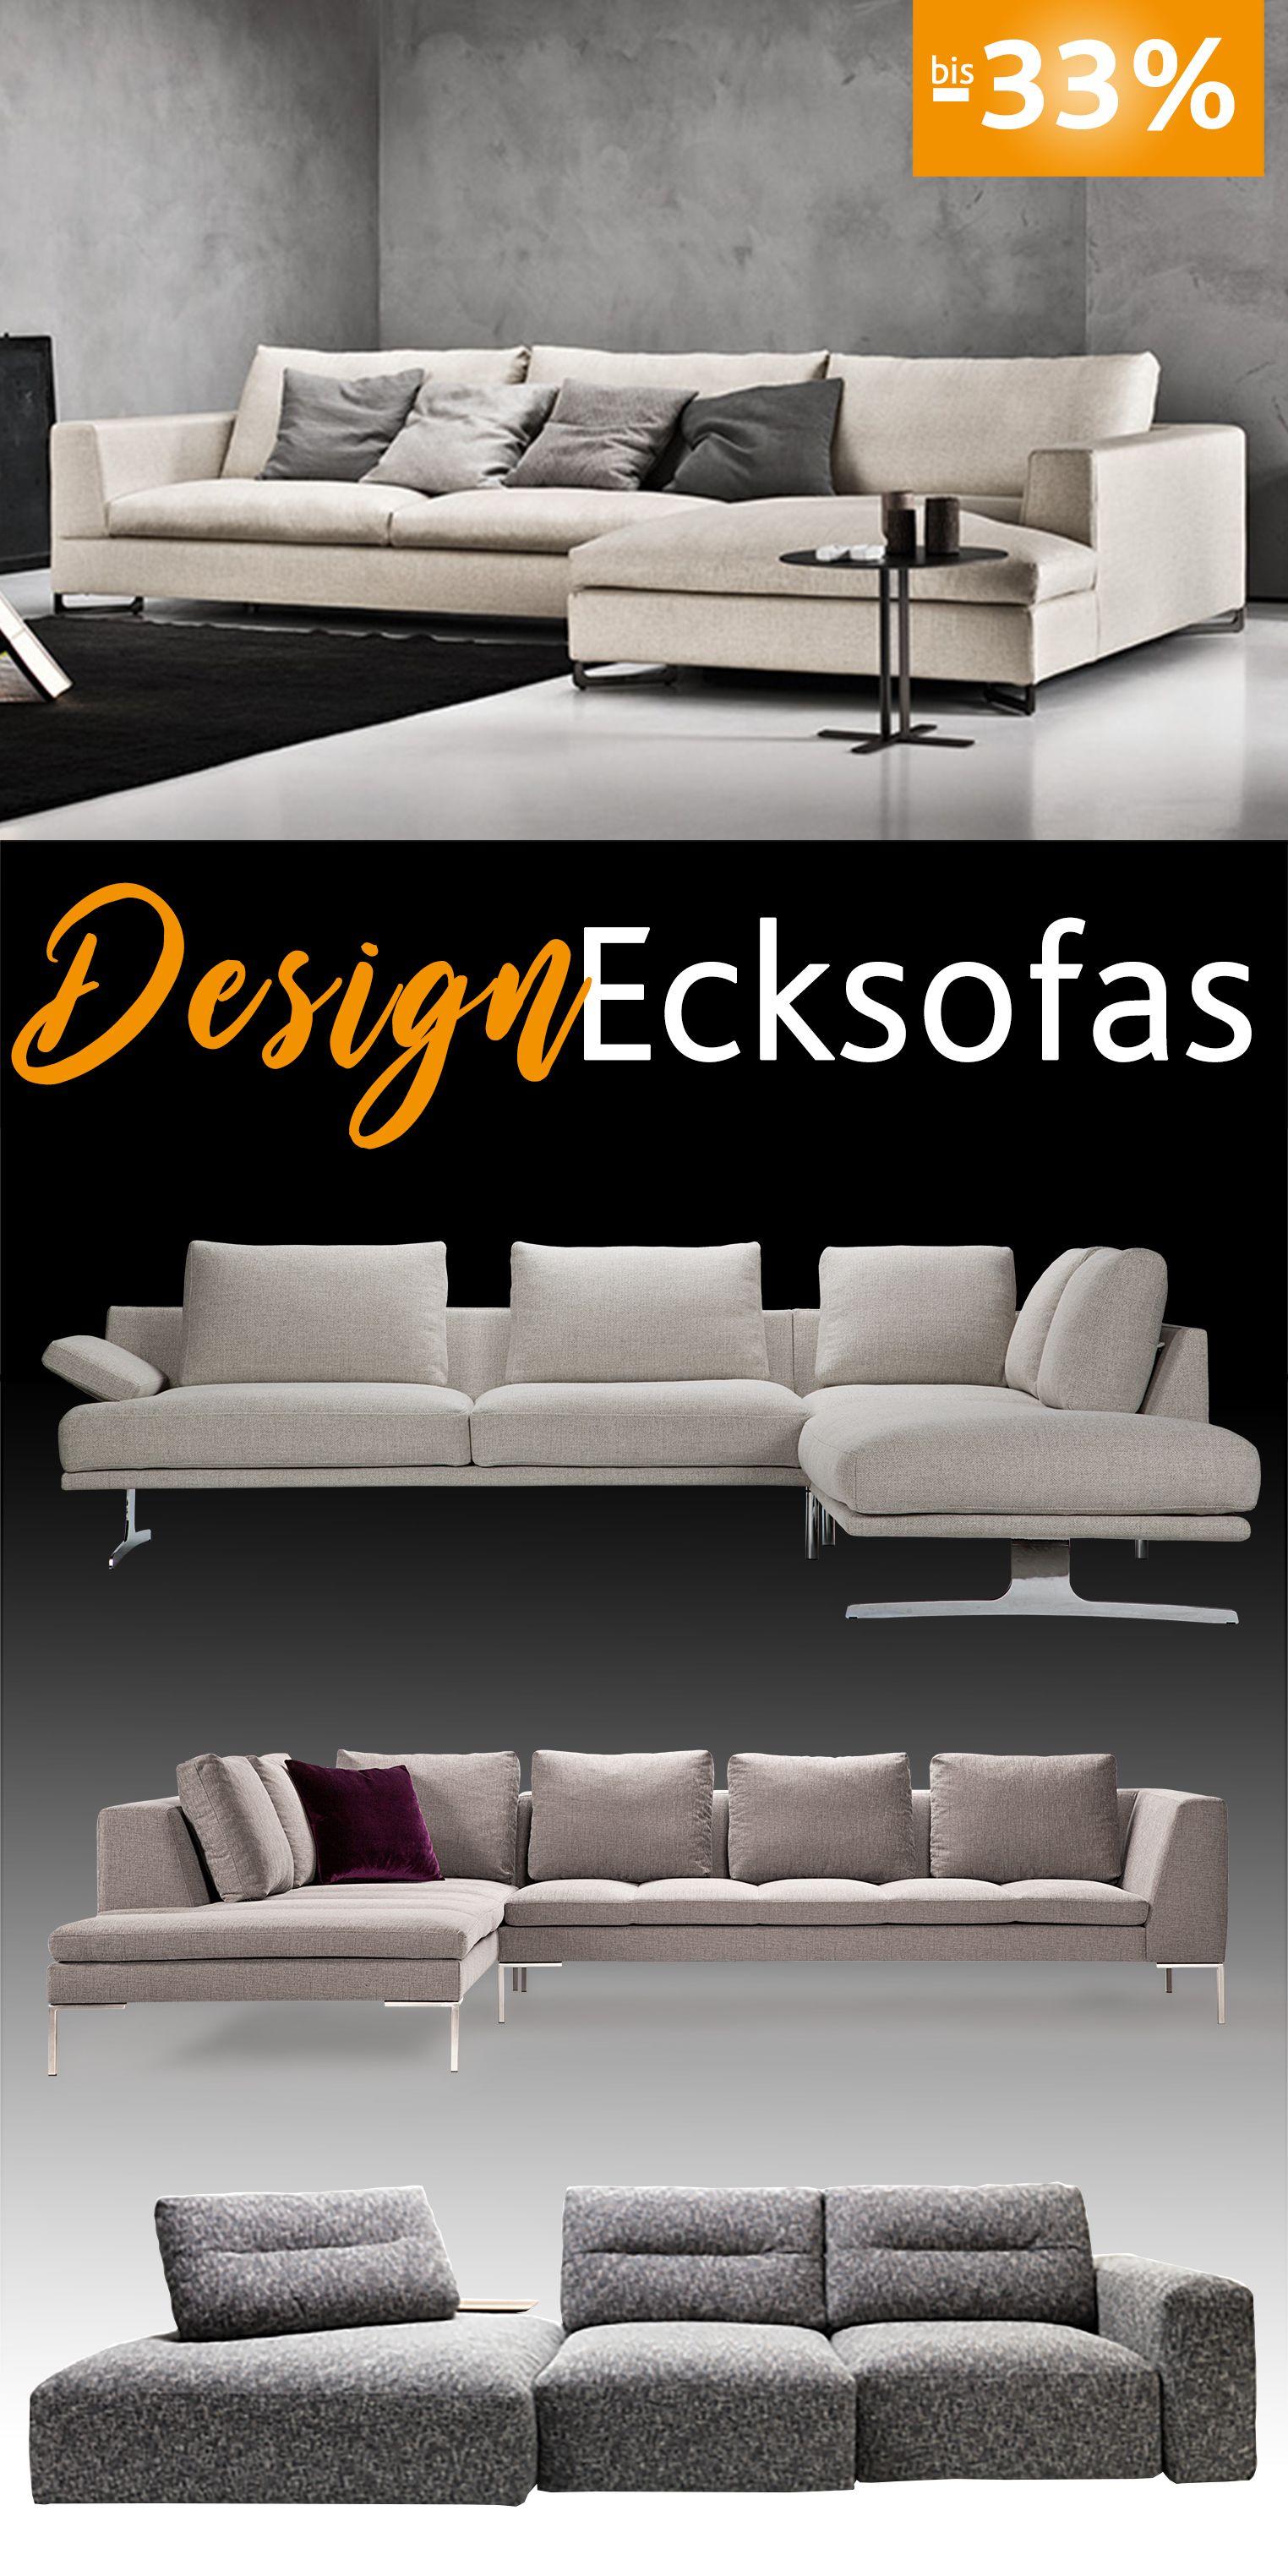 Hochwertige Edle Designer Ecksofas In Vielen Verschiedenen Farben Und Einzigartigen Designs Zu Einem Unschlag Ecksofas Sofa Stoff Moderne Wohnzimmergestaltung